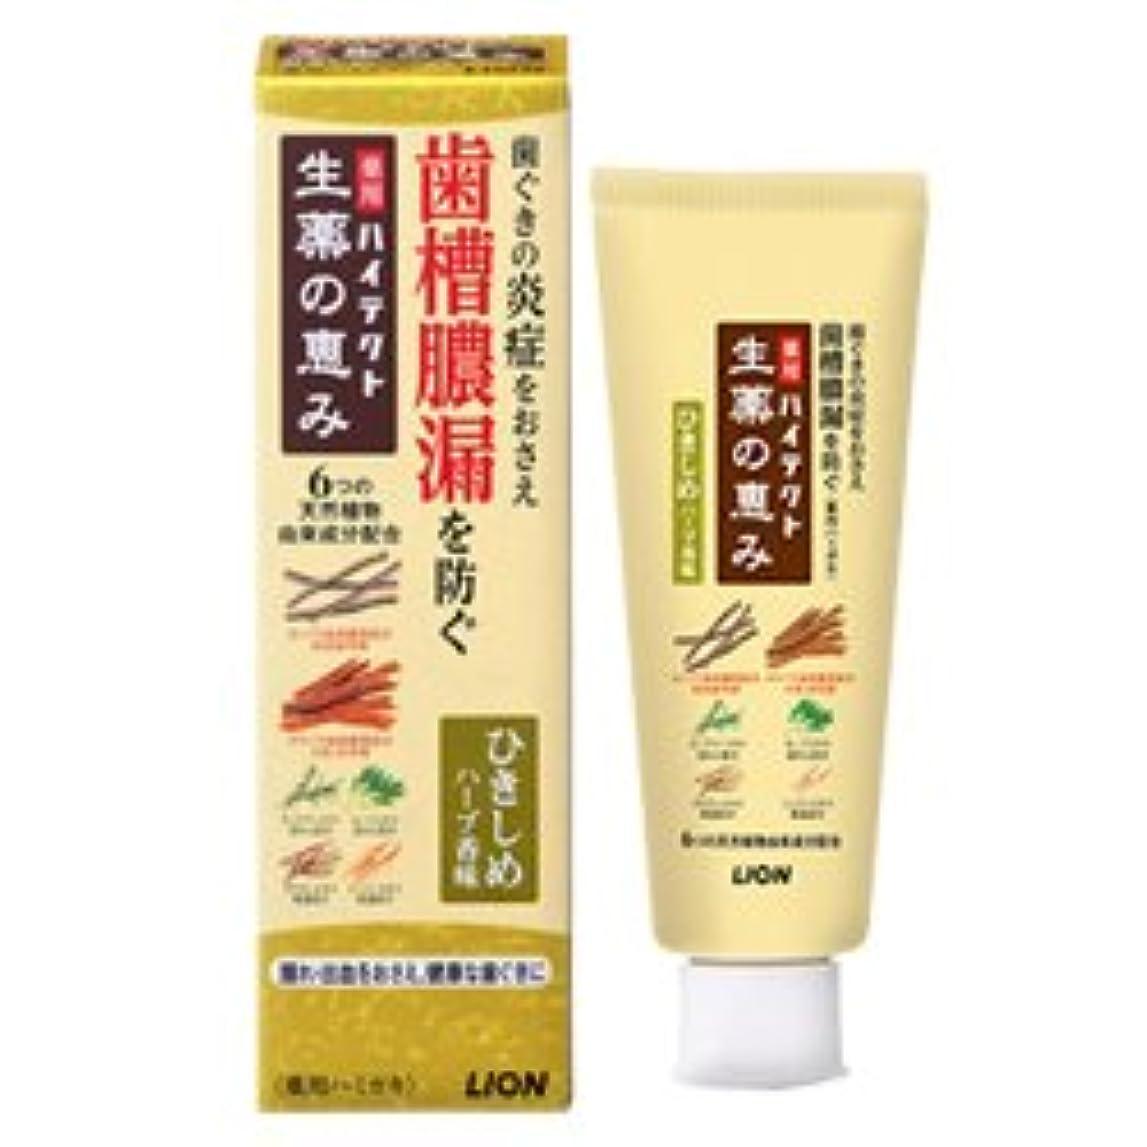 可能にするスプーンからかう【ライオン】ハイテクト 生薬の恵み ひきしめハーブ香味90g×5個セット